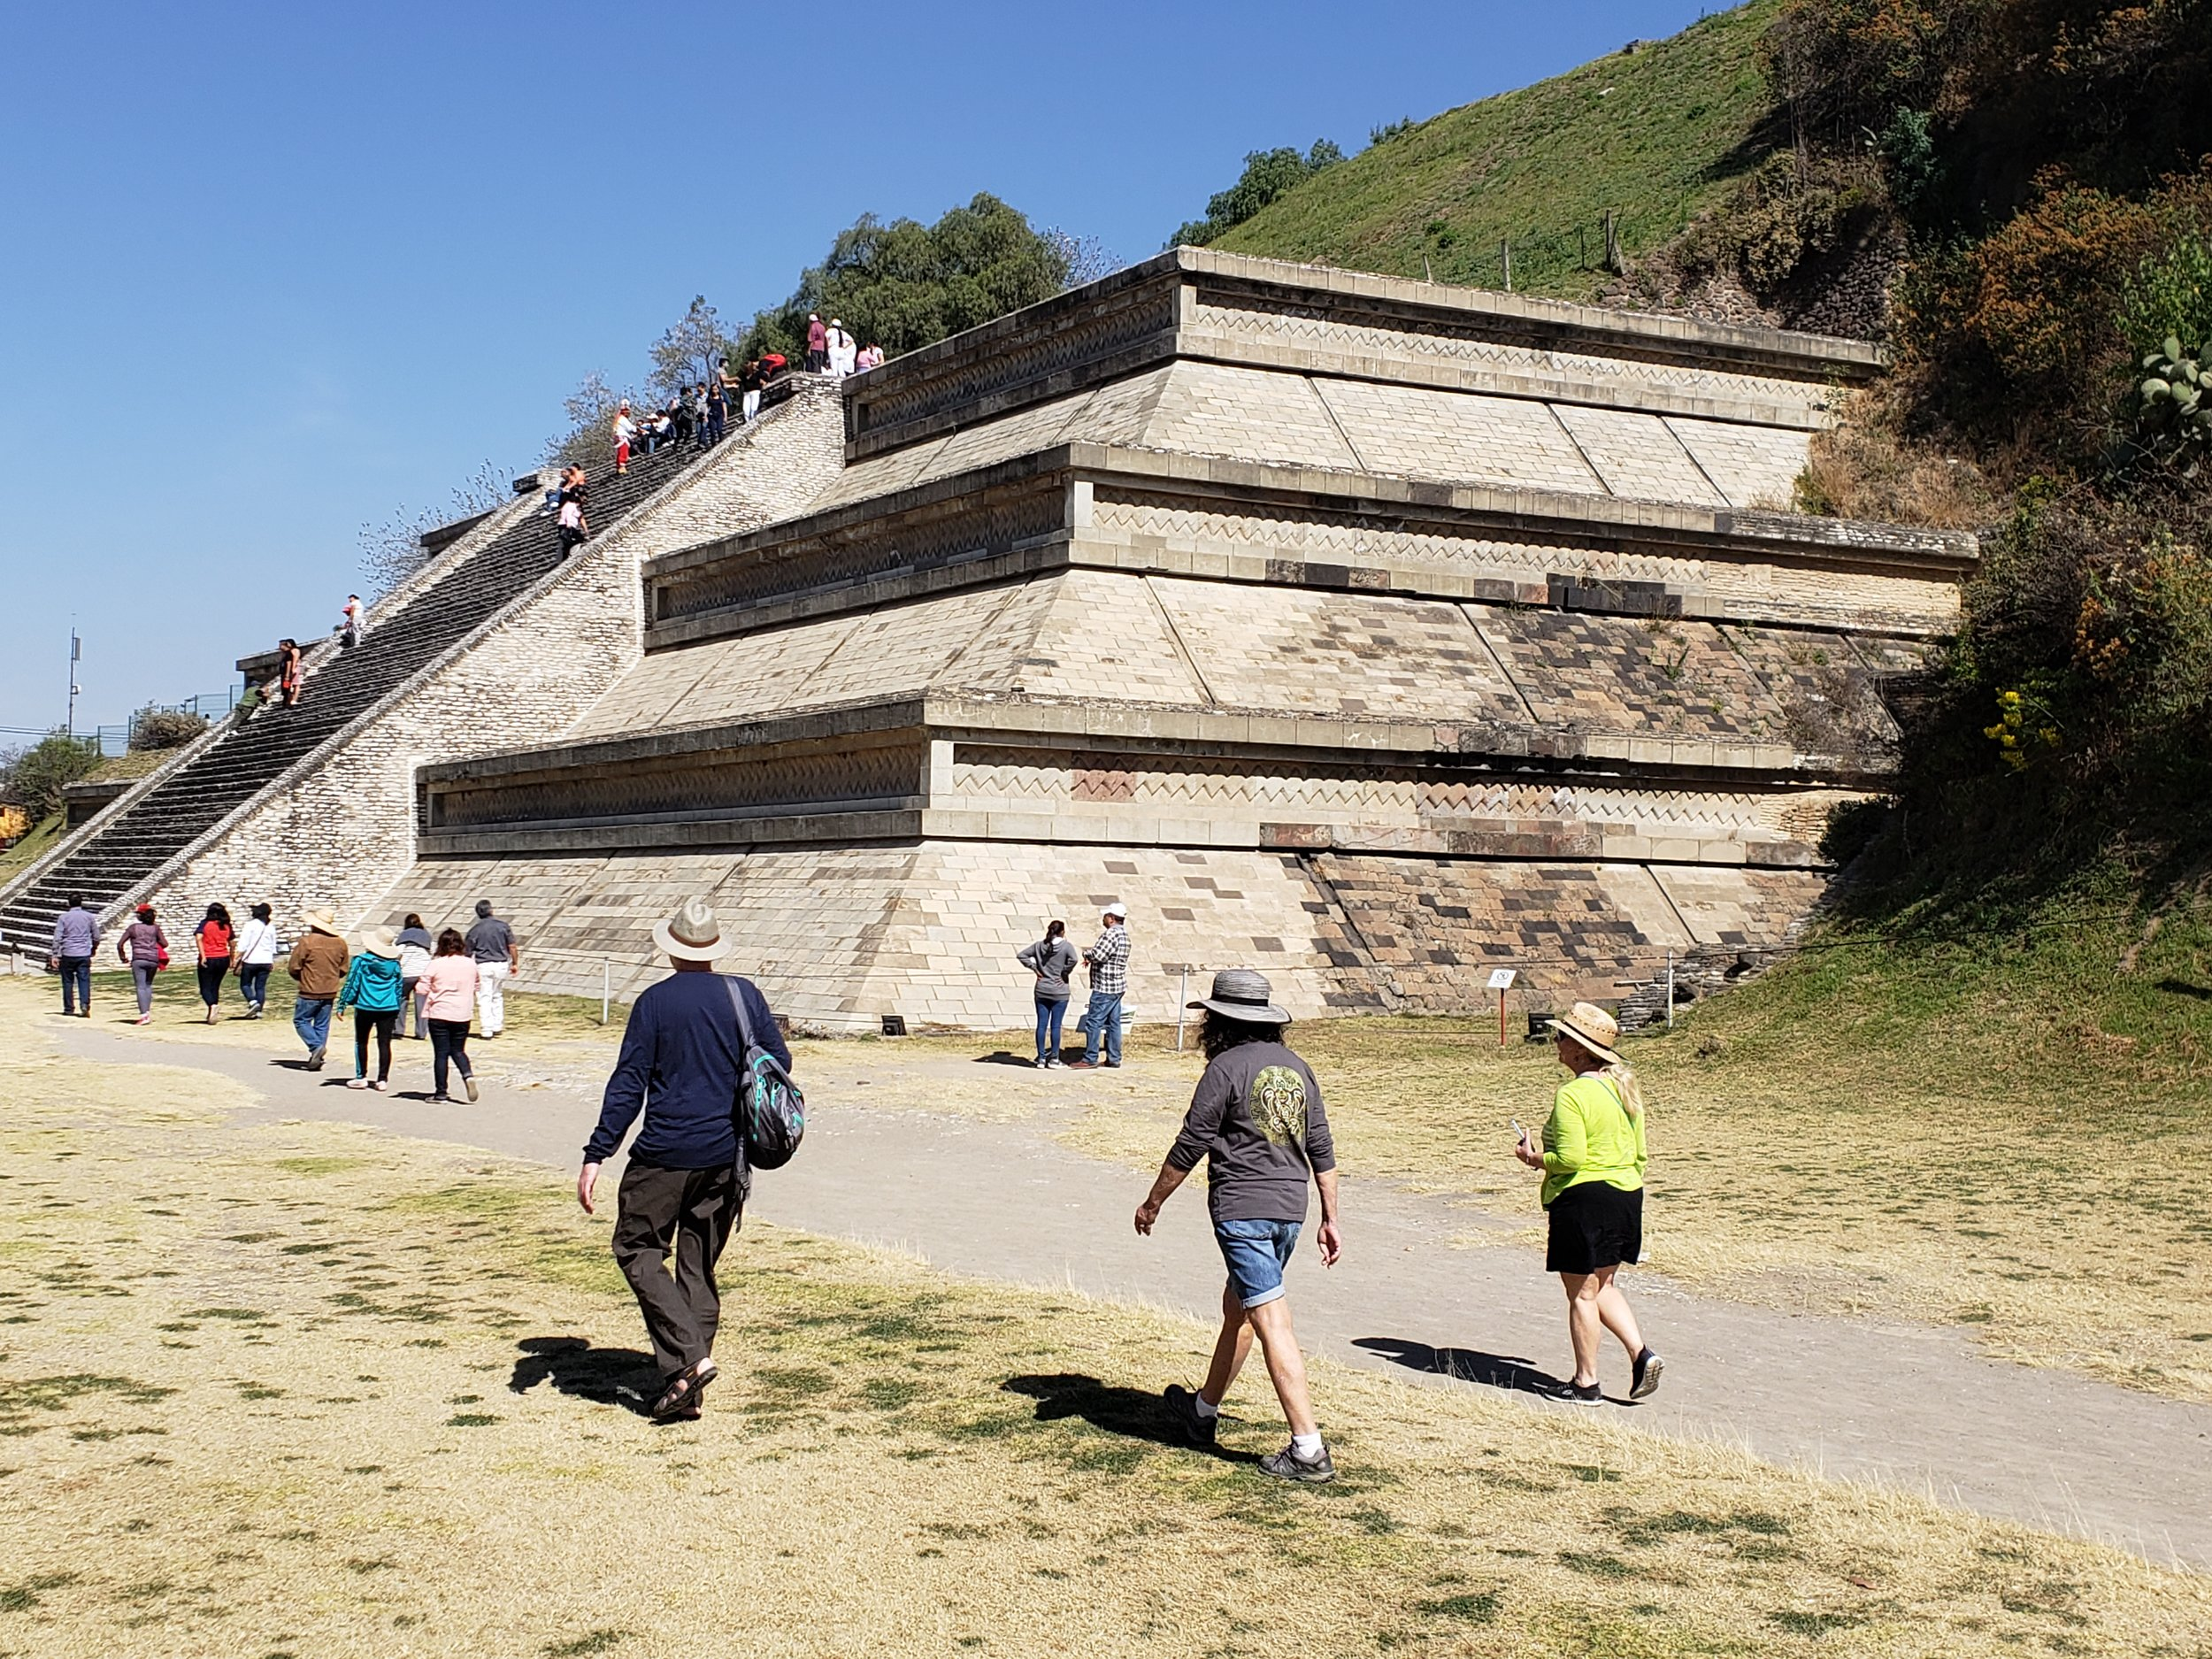 Cholulu ruins